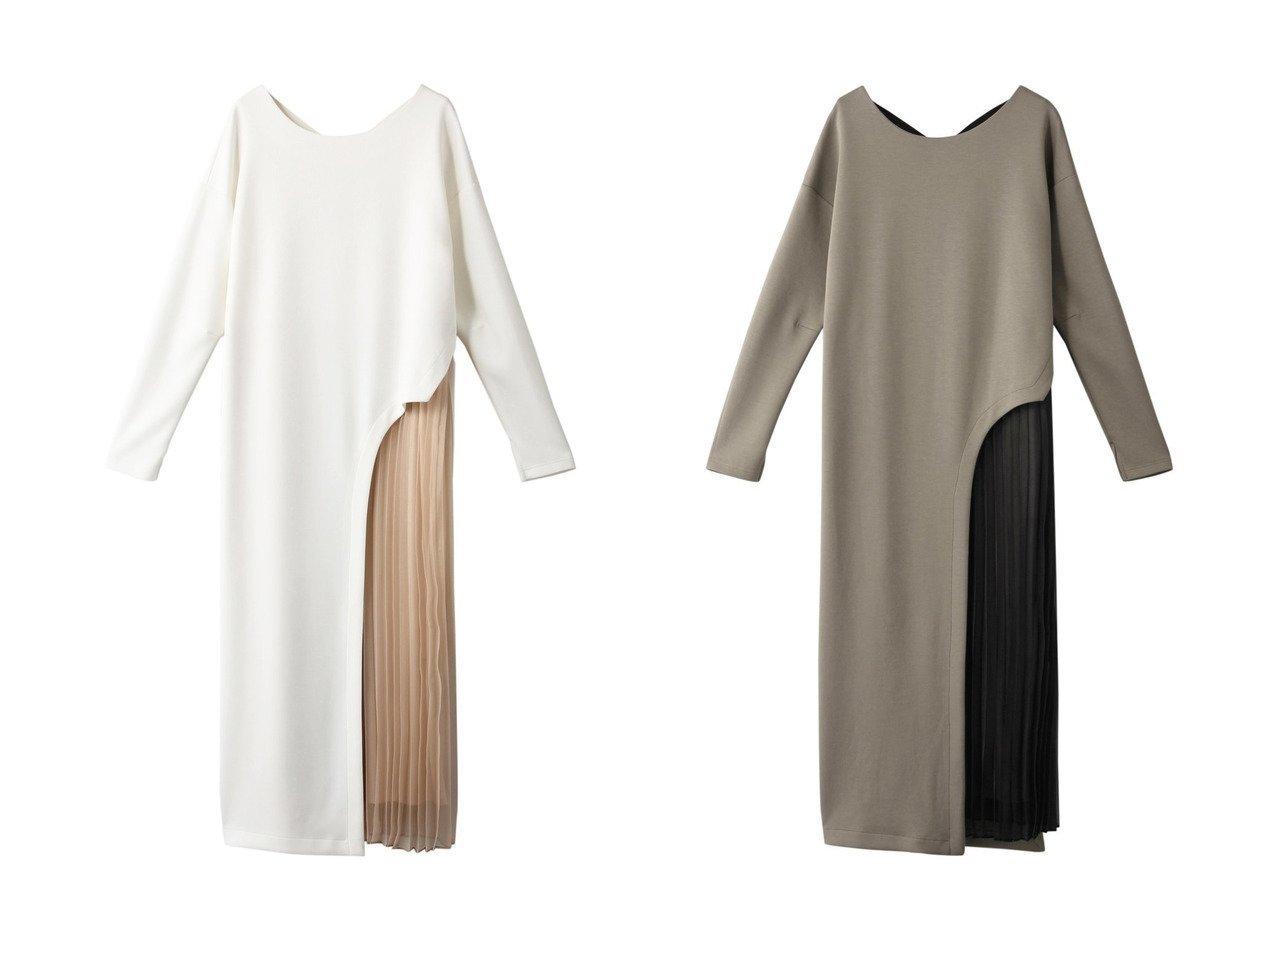 【AULA/アウラ】の【AULA AILA】プリーツパーツドレス ワンピース・ドレスのおすすめ!人気、トレンド・レディースファッションの通販 おすすめで人気の流行・トレンド、ファッションの通販商品 メンズファッション・キッズファッション・インテリア・家具・レディースファッション・服の通販 founy(ファニー) https://founy.com/ ファッション Fashion レディースファッション WOMEN ワンピース Dress ドレス Party Dresses 2021年 2021 2021 春夏 S/S SS Spring/Summer 2021 S/S 春夏 SS Spring/Summer なめらか ストレート スニーカー ドレス プリーツ リラックス 春 Spring |ID:crp329100000024813